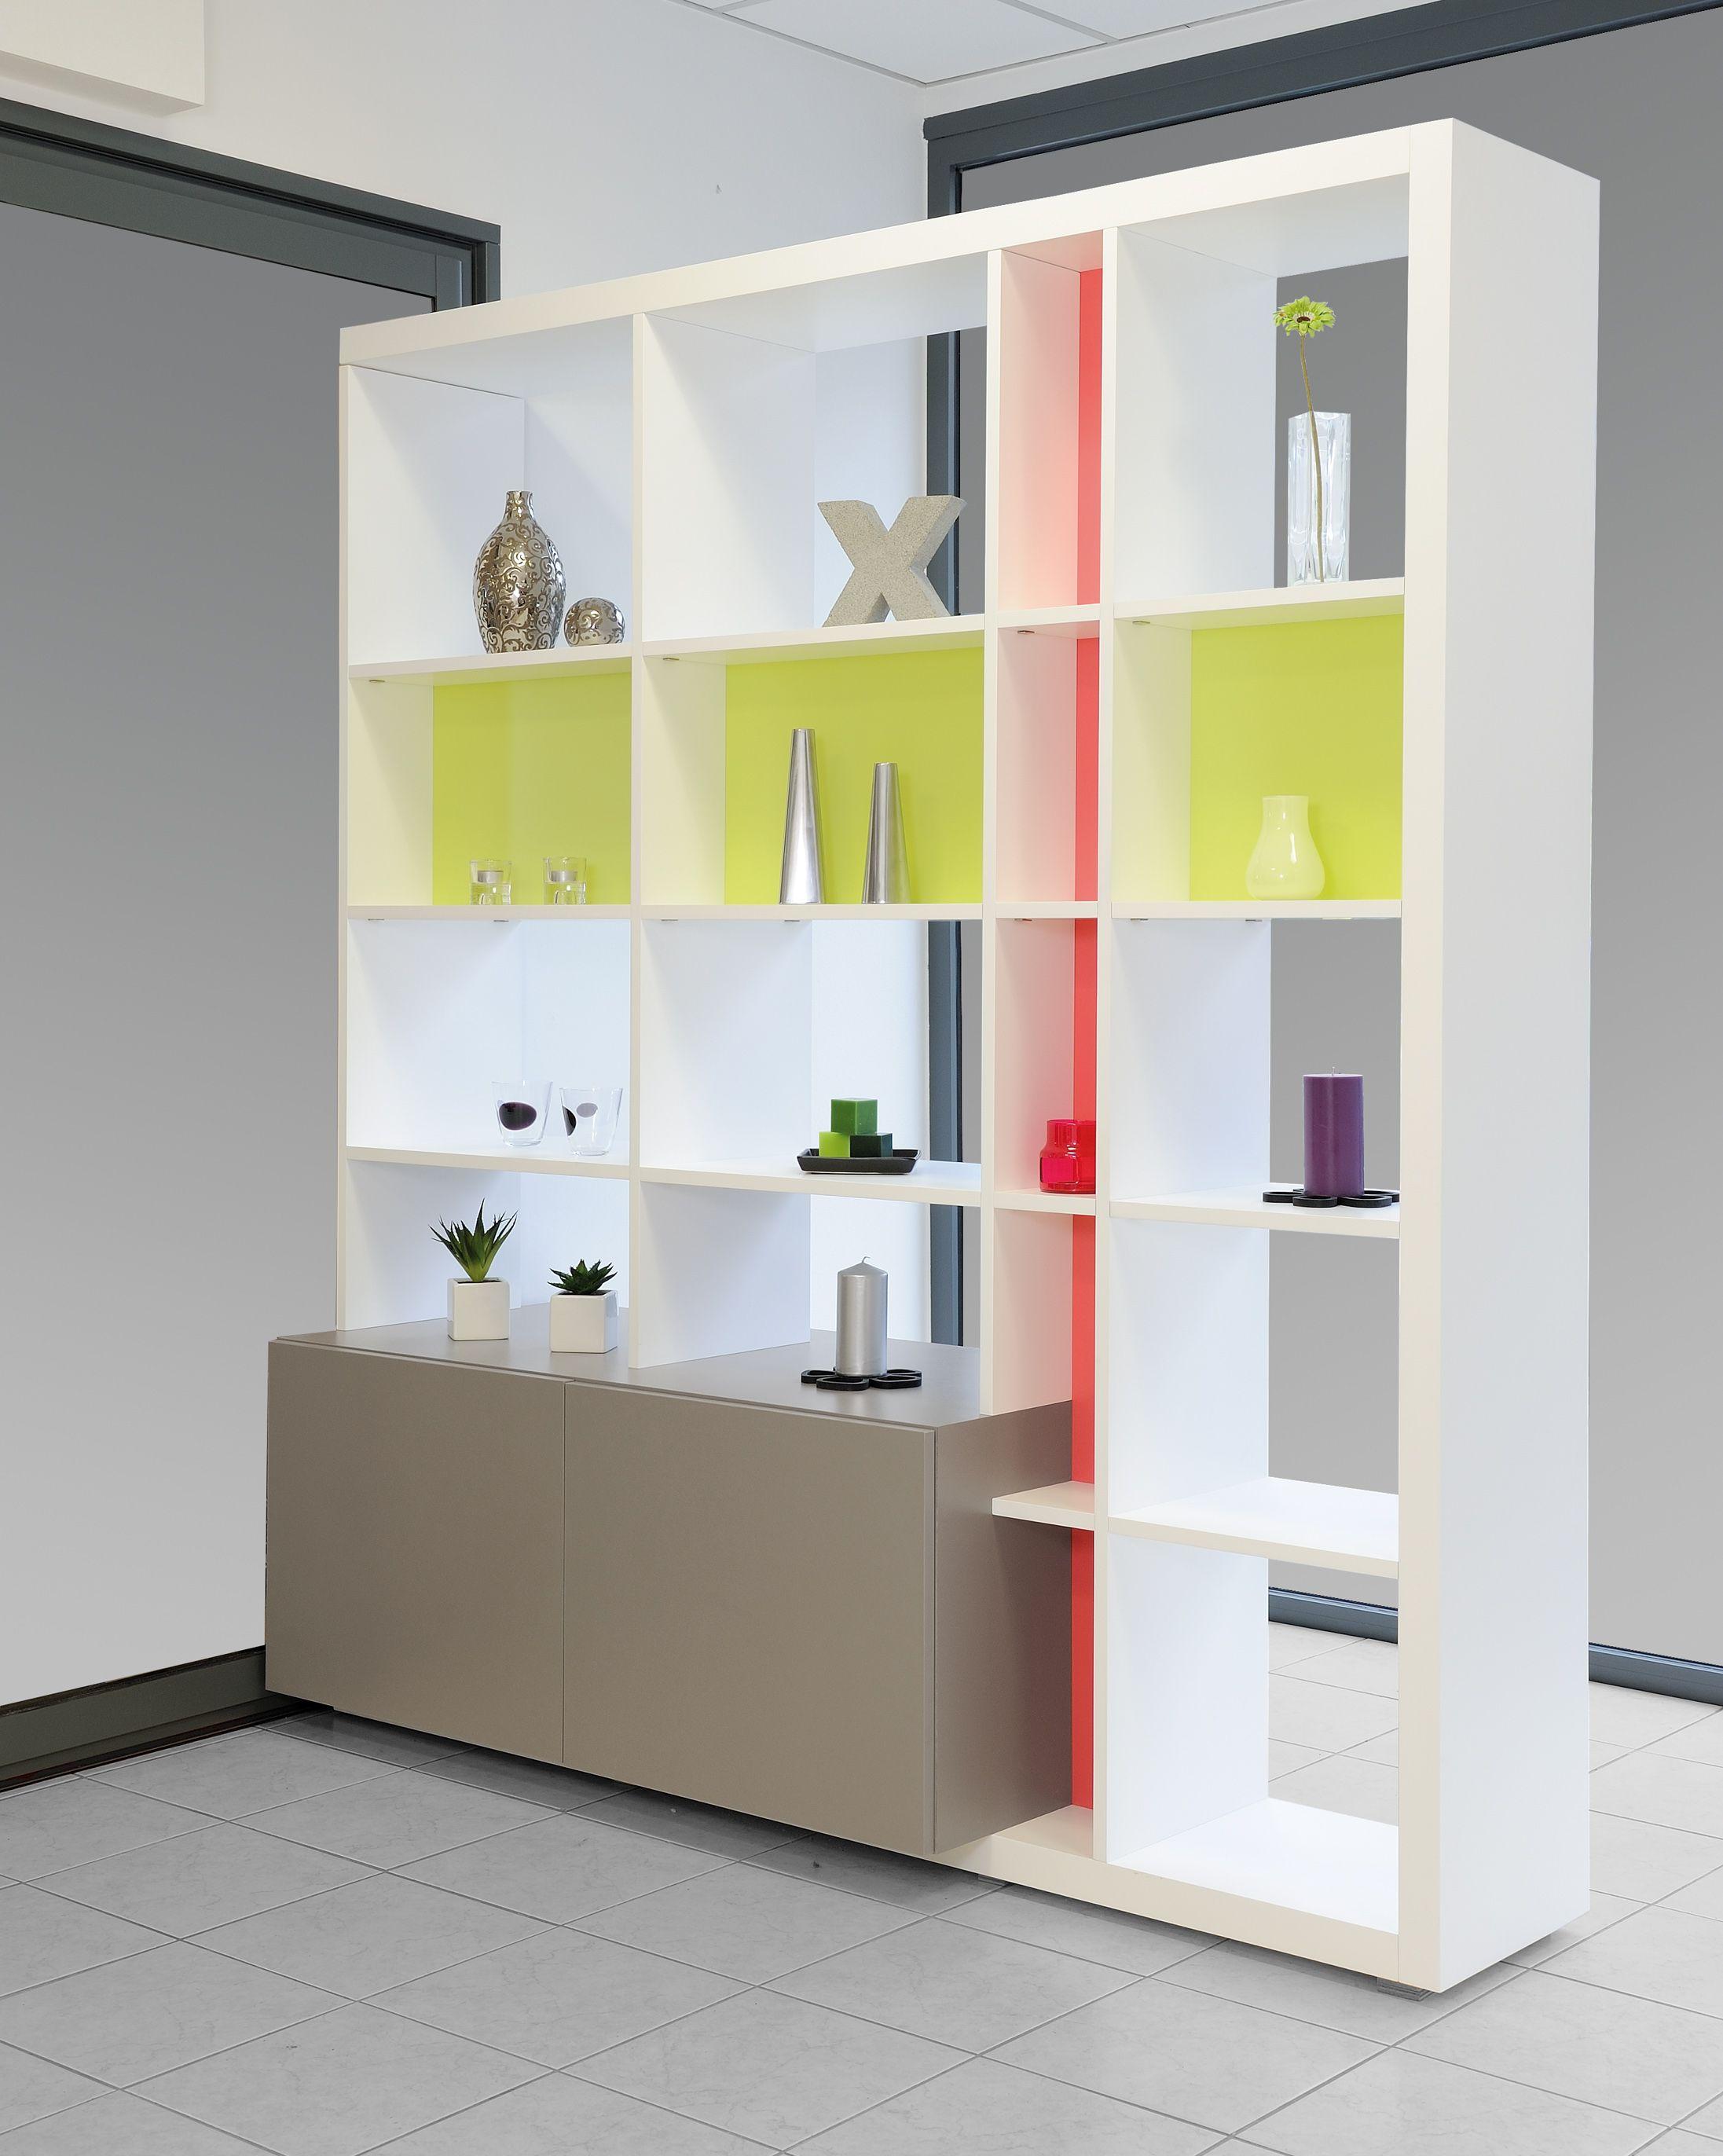 s parateur pi ce biblioth que google search maison muebles para tv muebles et divisor de. Black Bedroom Furniture Sets. Home Design Ideas